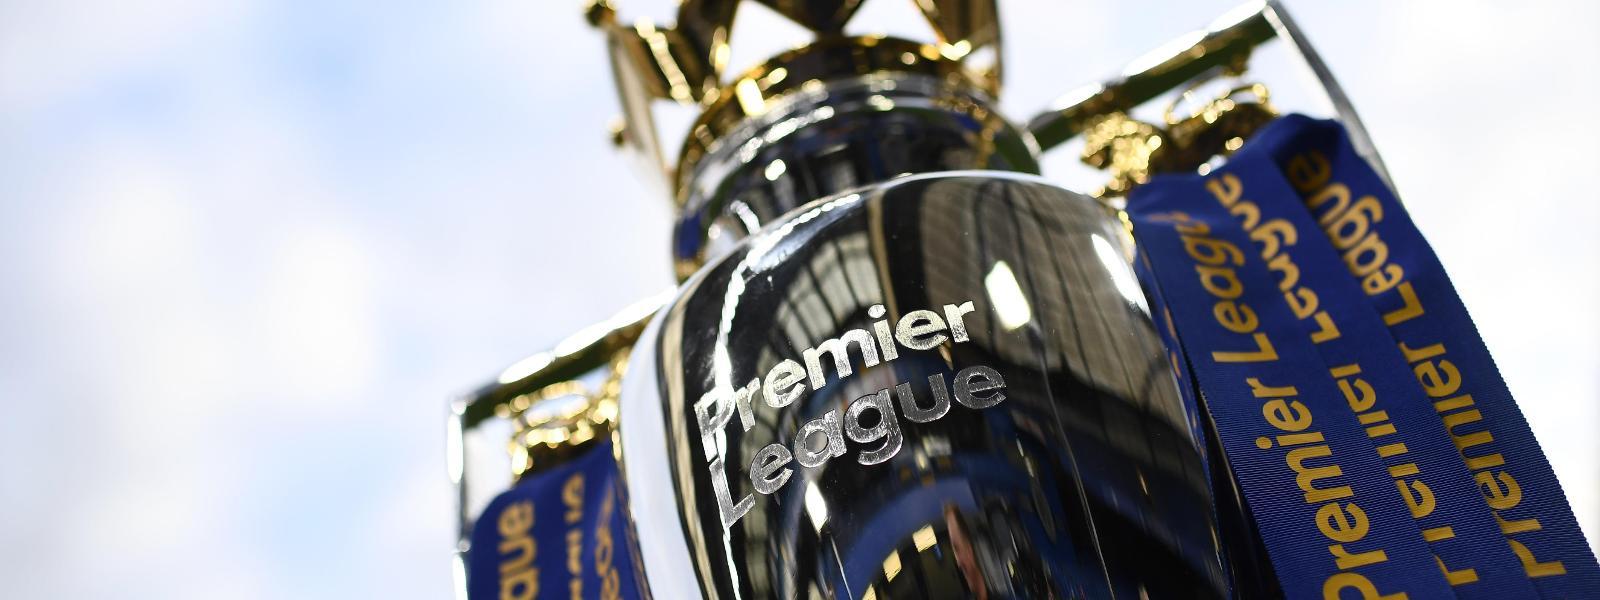 comstats premier league